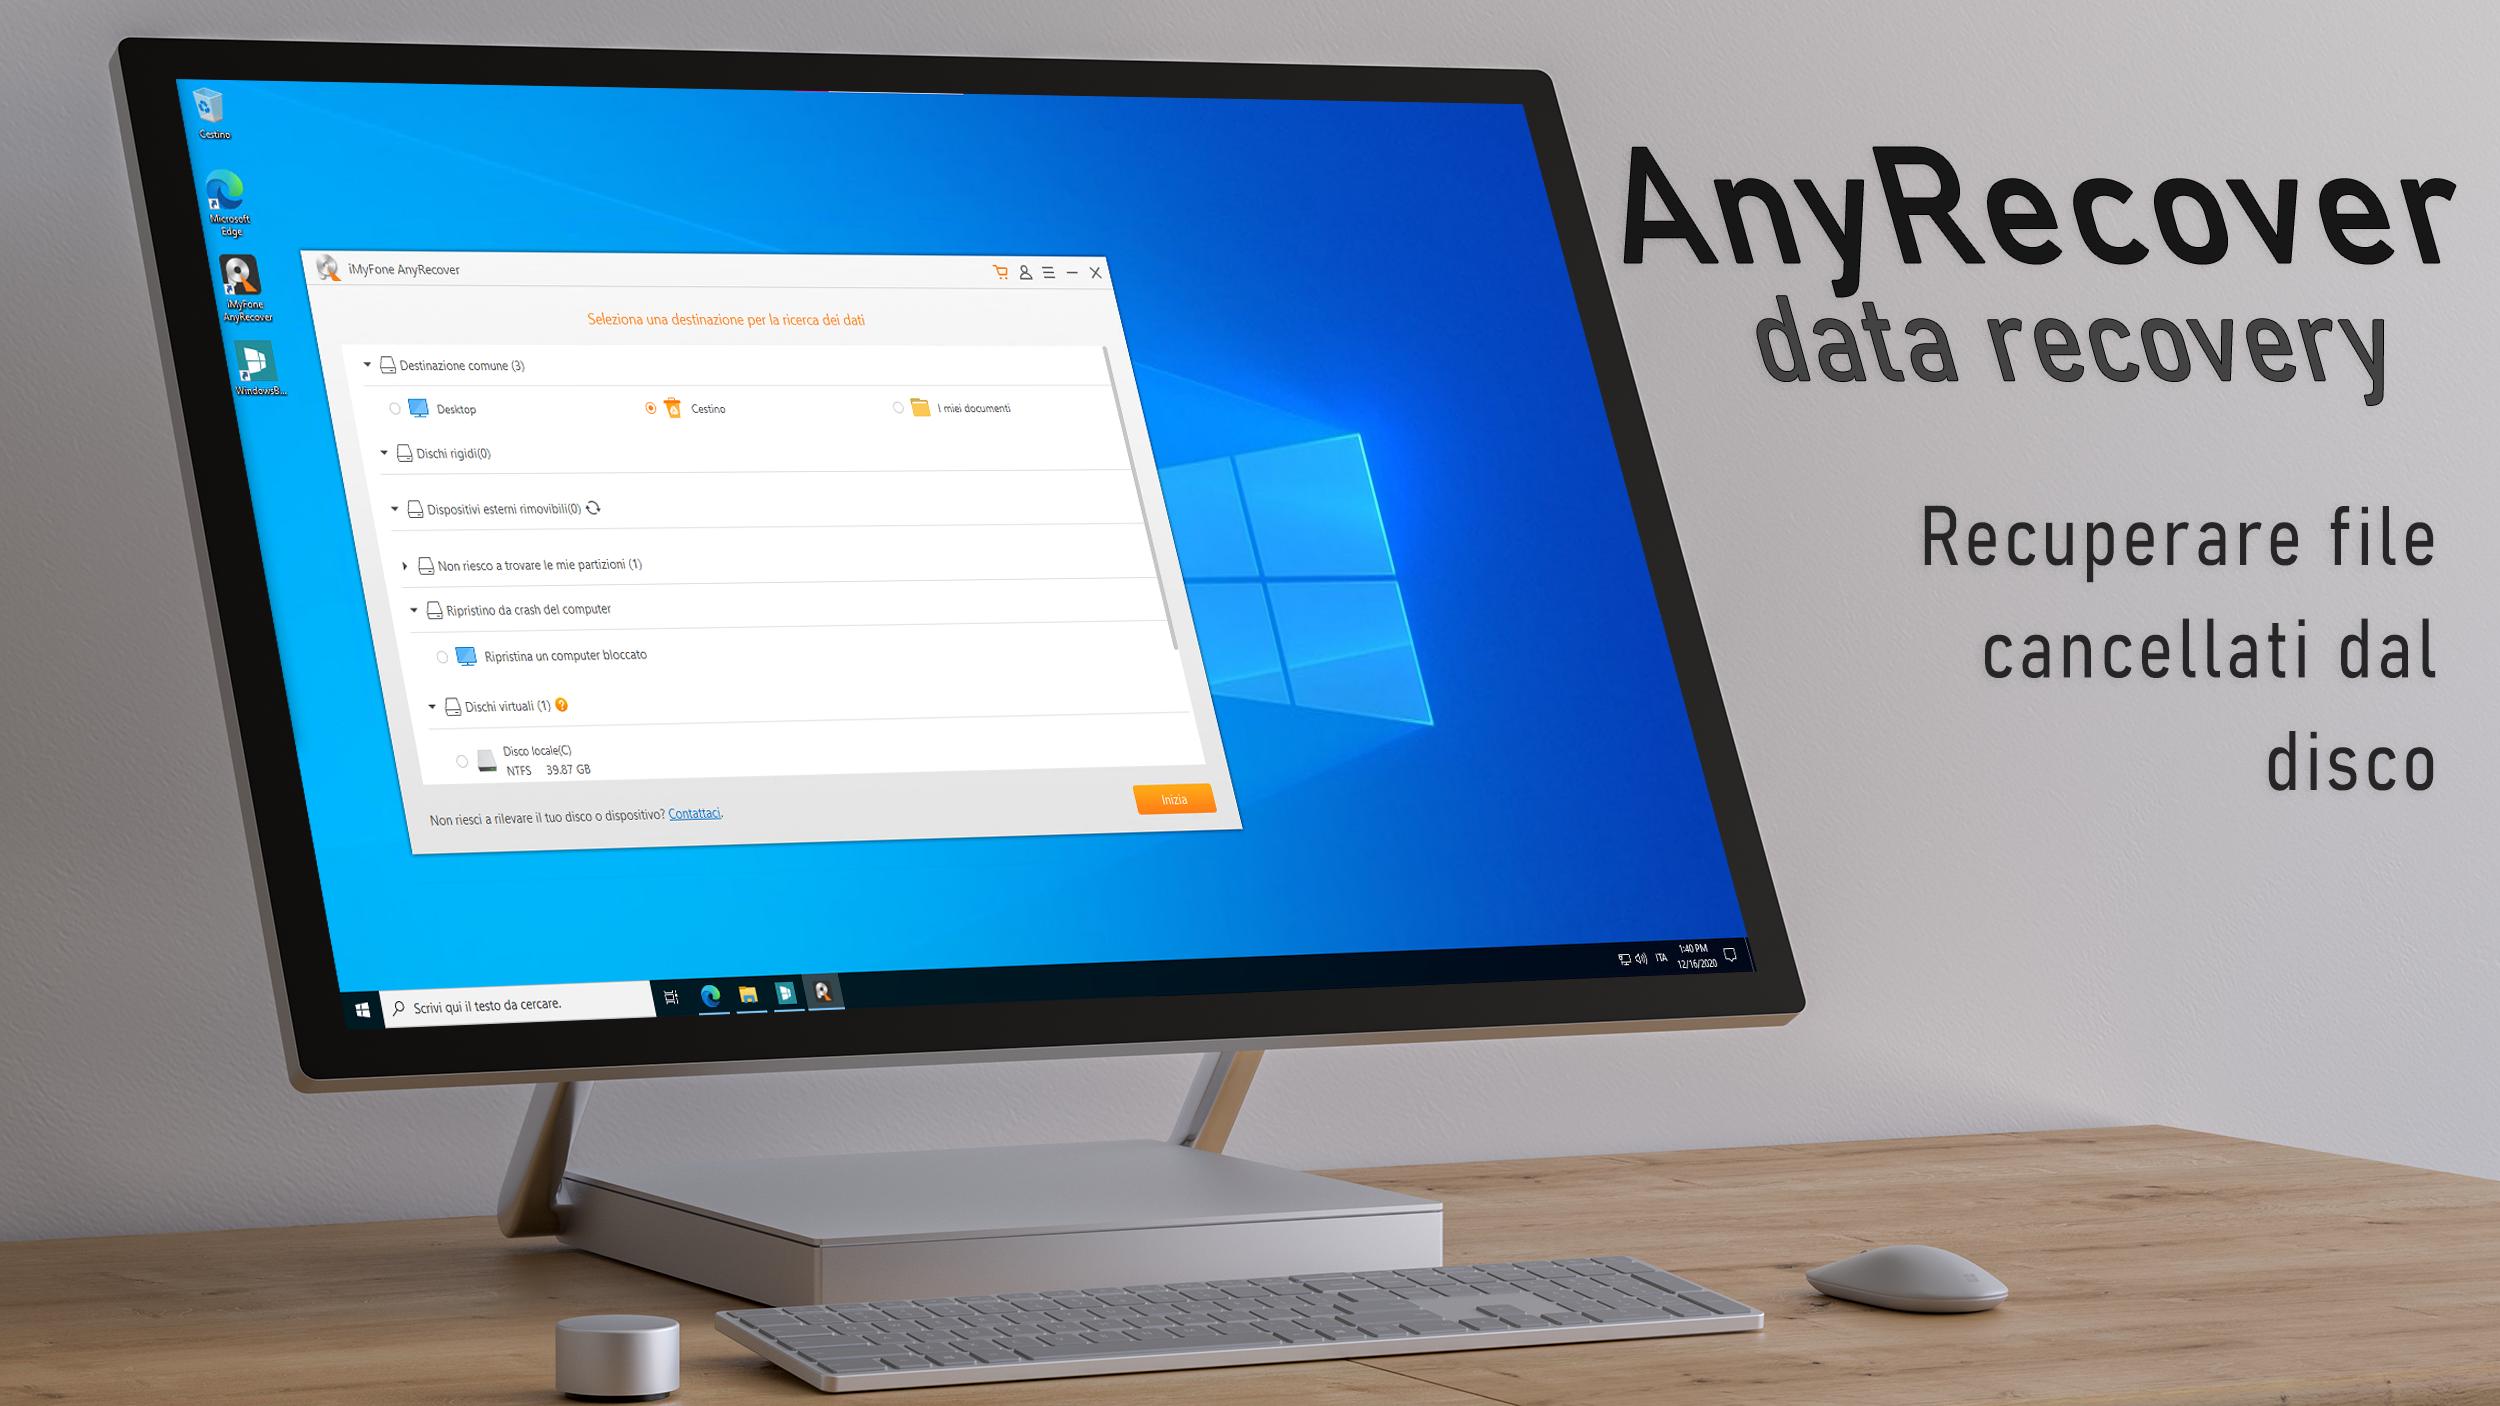 Any Recover data recovery - Recuperare file cancellati